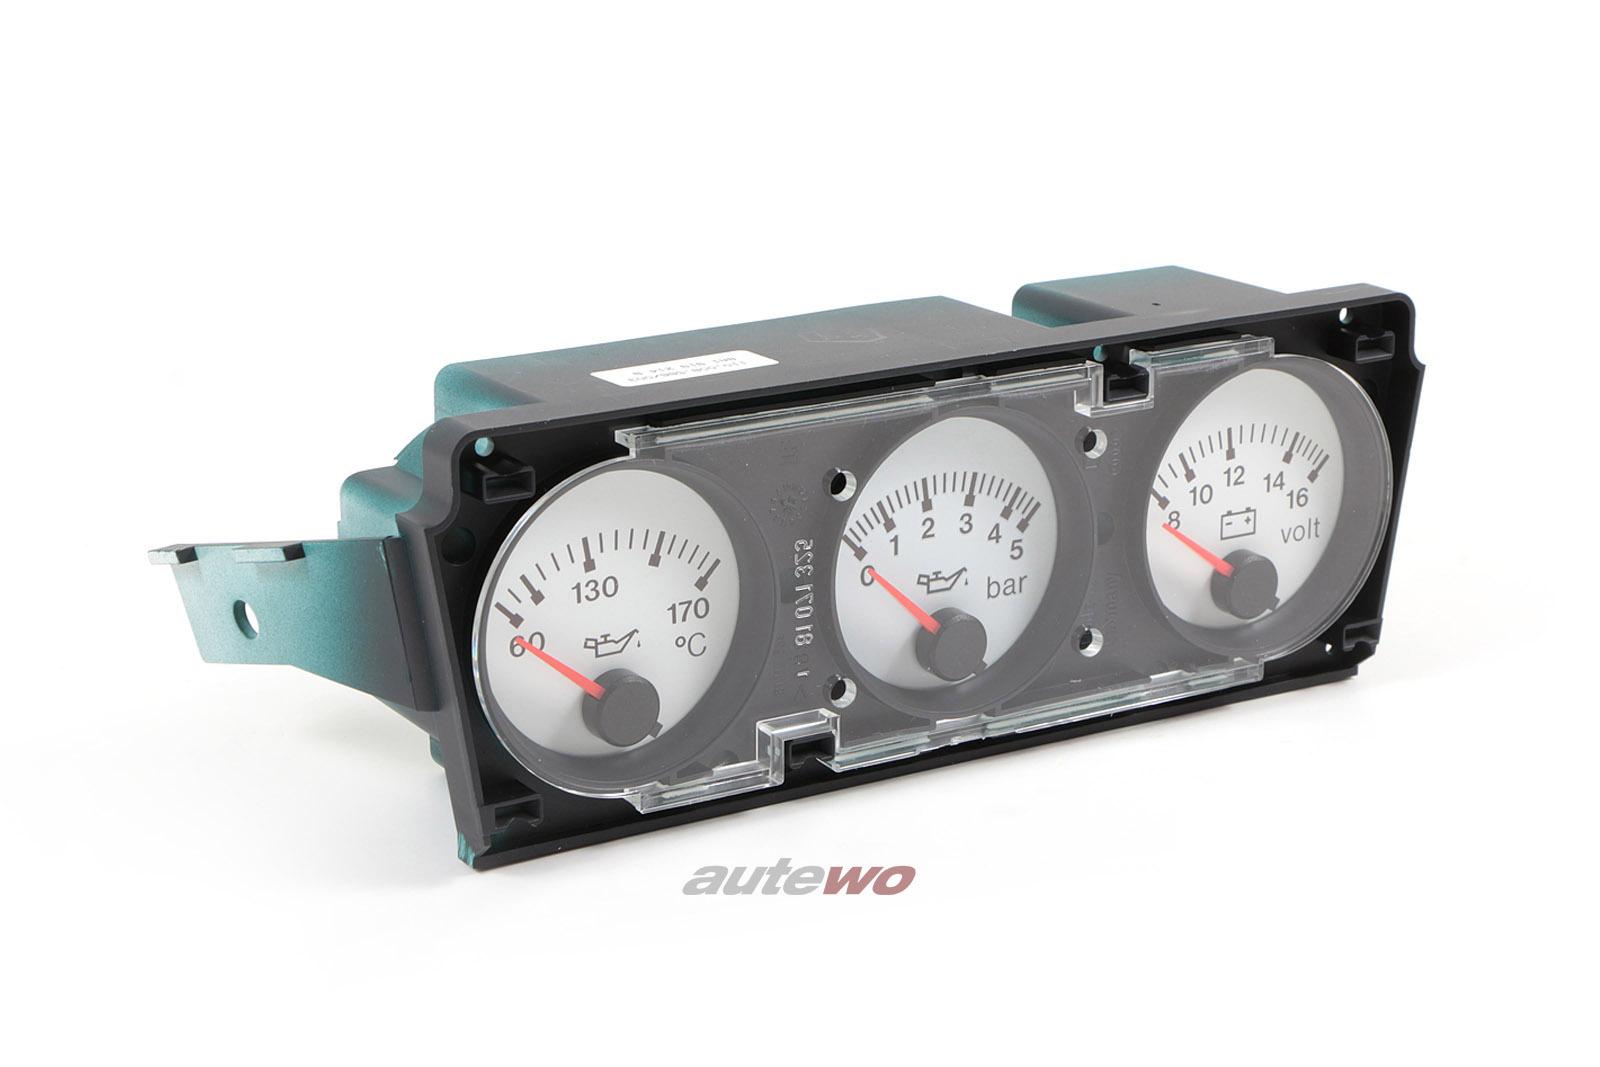 8A1919214B NEU Audi RS2 P1 Zusatzinstrumente Öldruck/Temp./Volt. schneeweiß